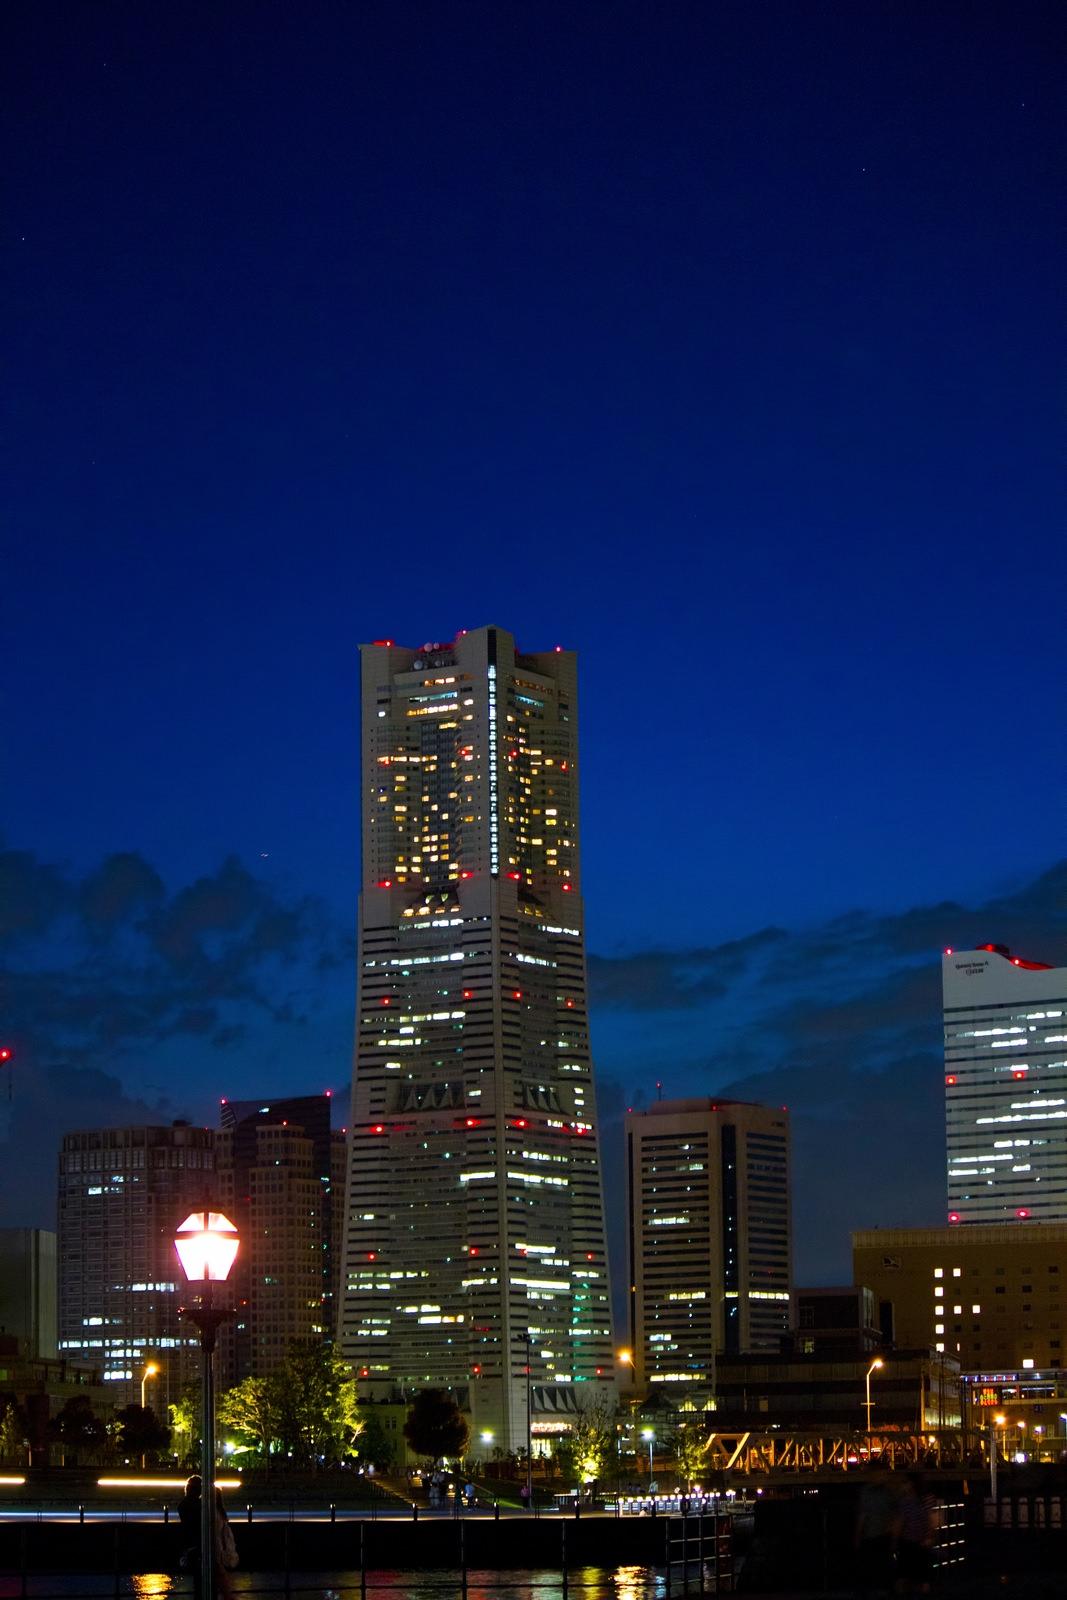 夜景とランドマークタワー夜景とランドマークタワー